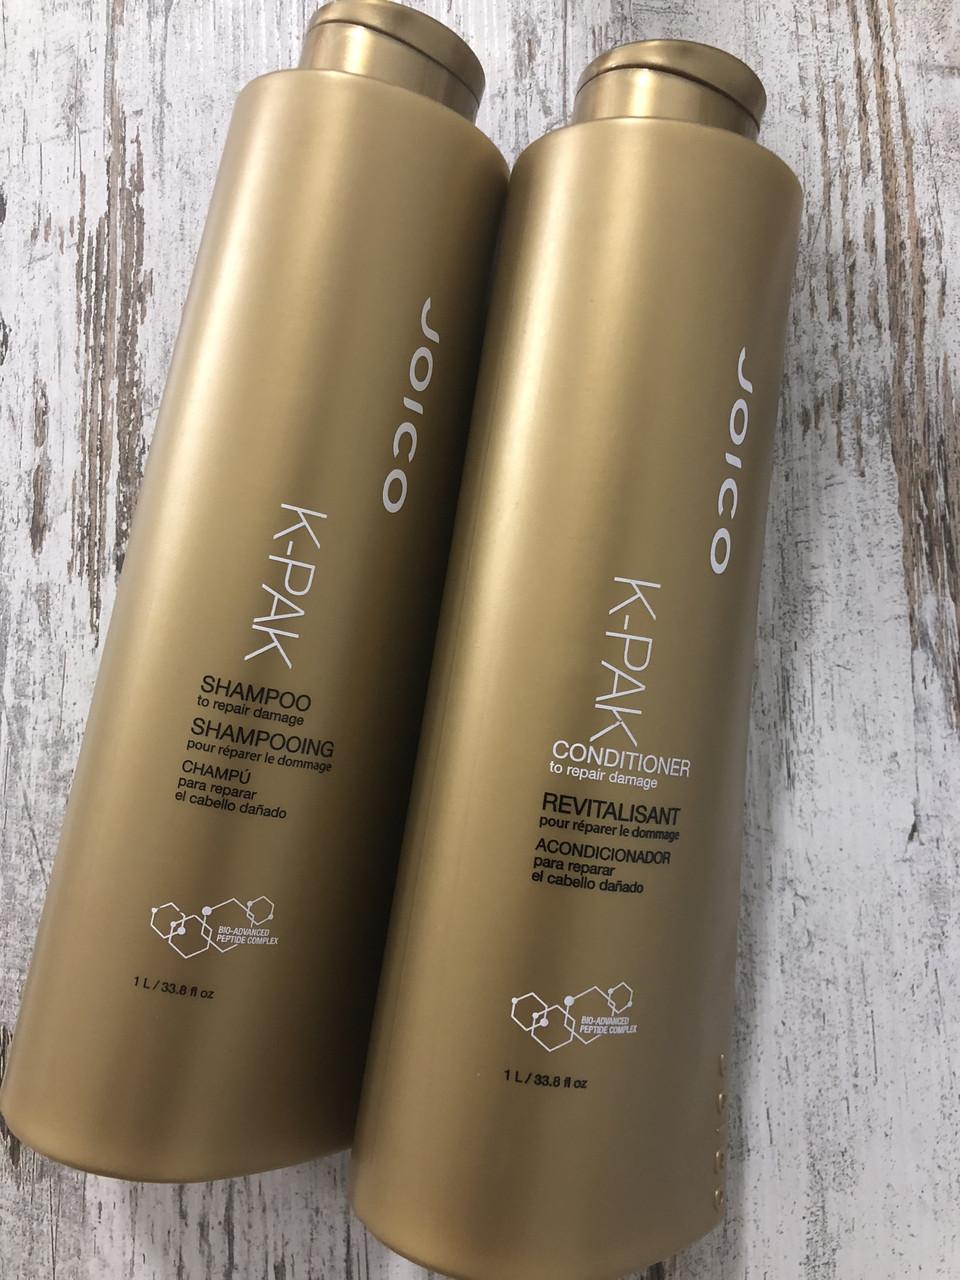 Шампунь и кондиционер для восстановления поврежденных волос Joico K-Pak, по 50мл